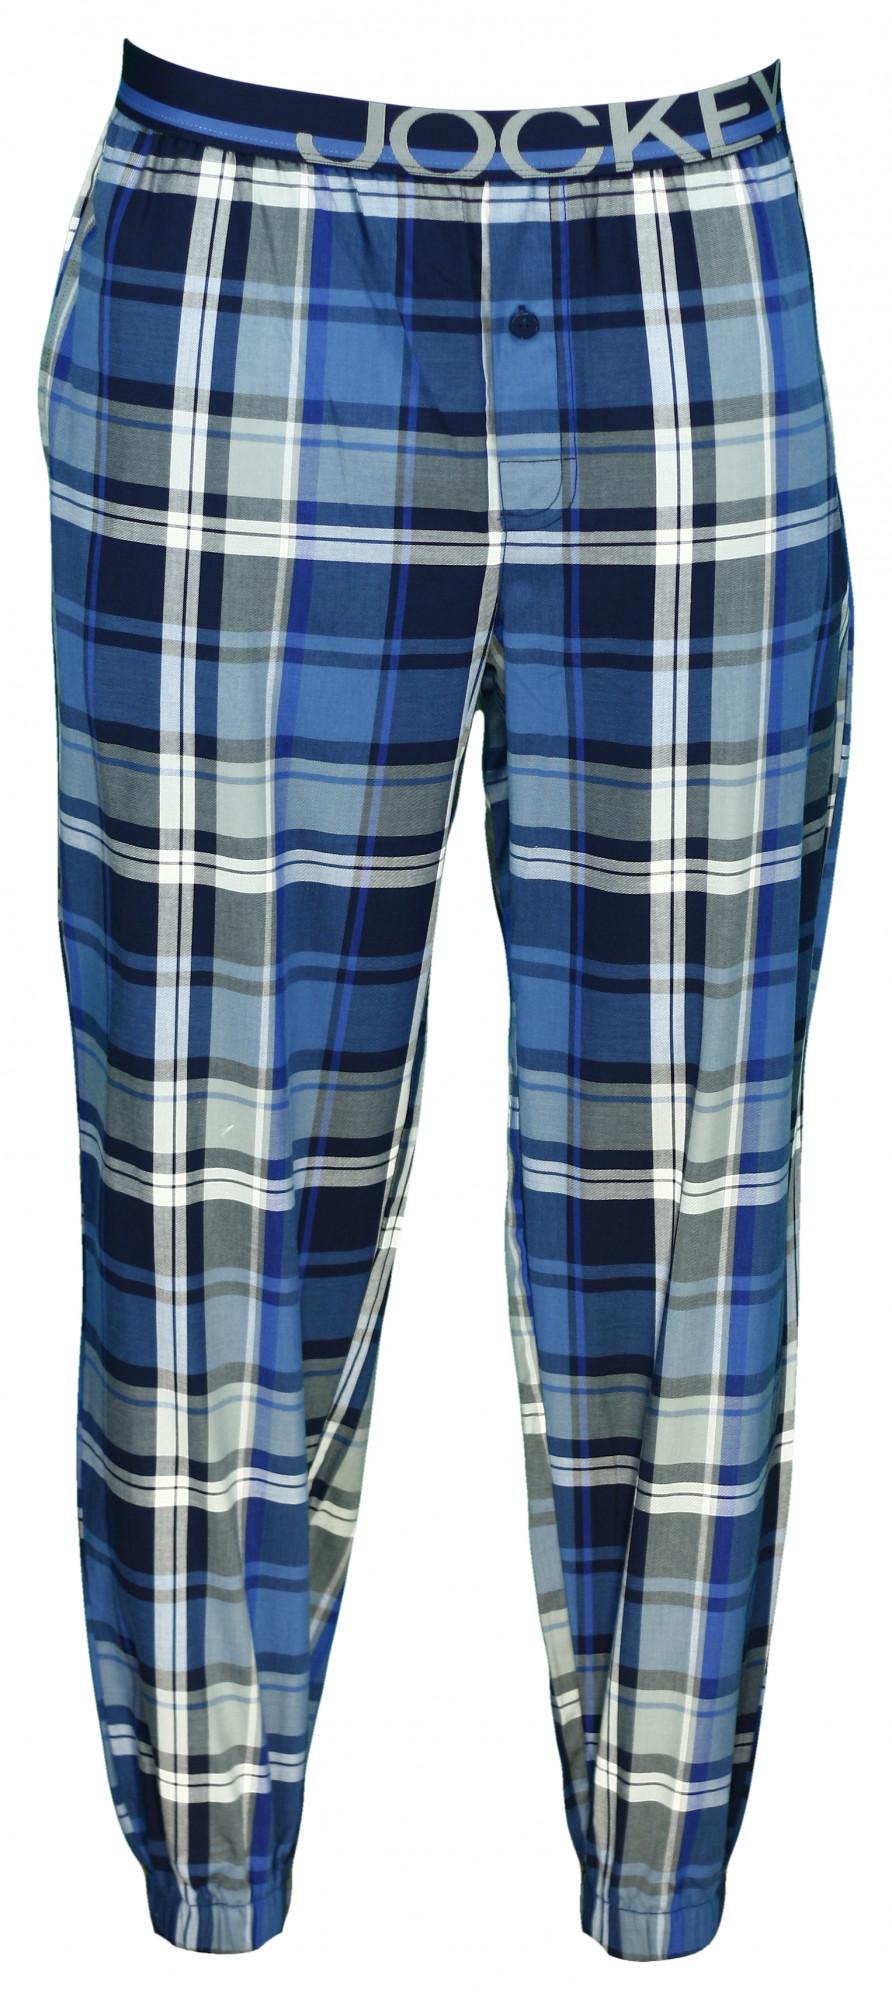 Pánské kalhoty 567502H - Jockey modrá/ káro XL